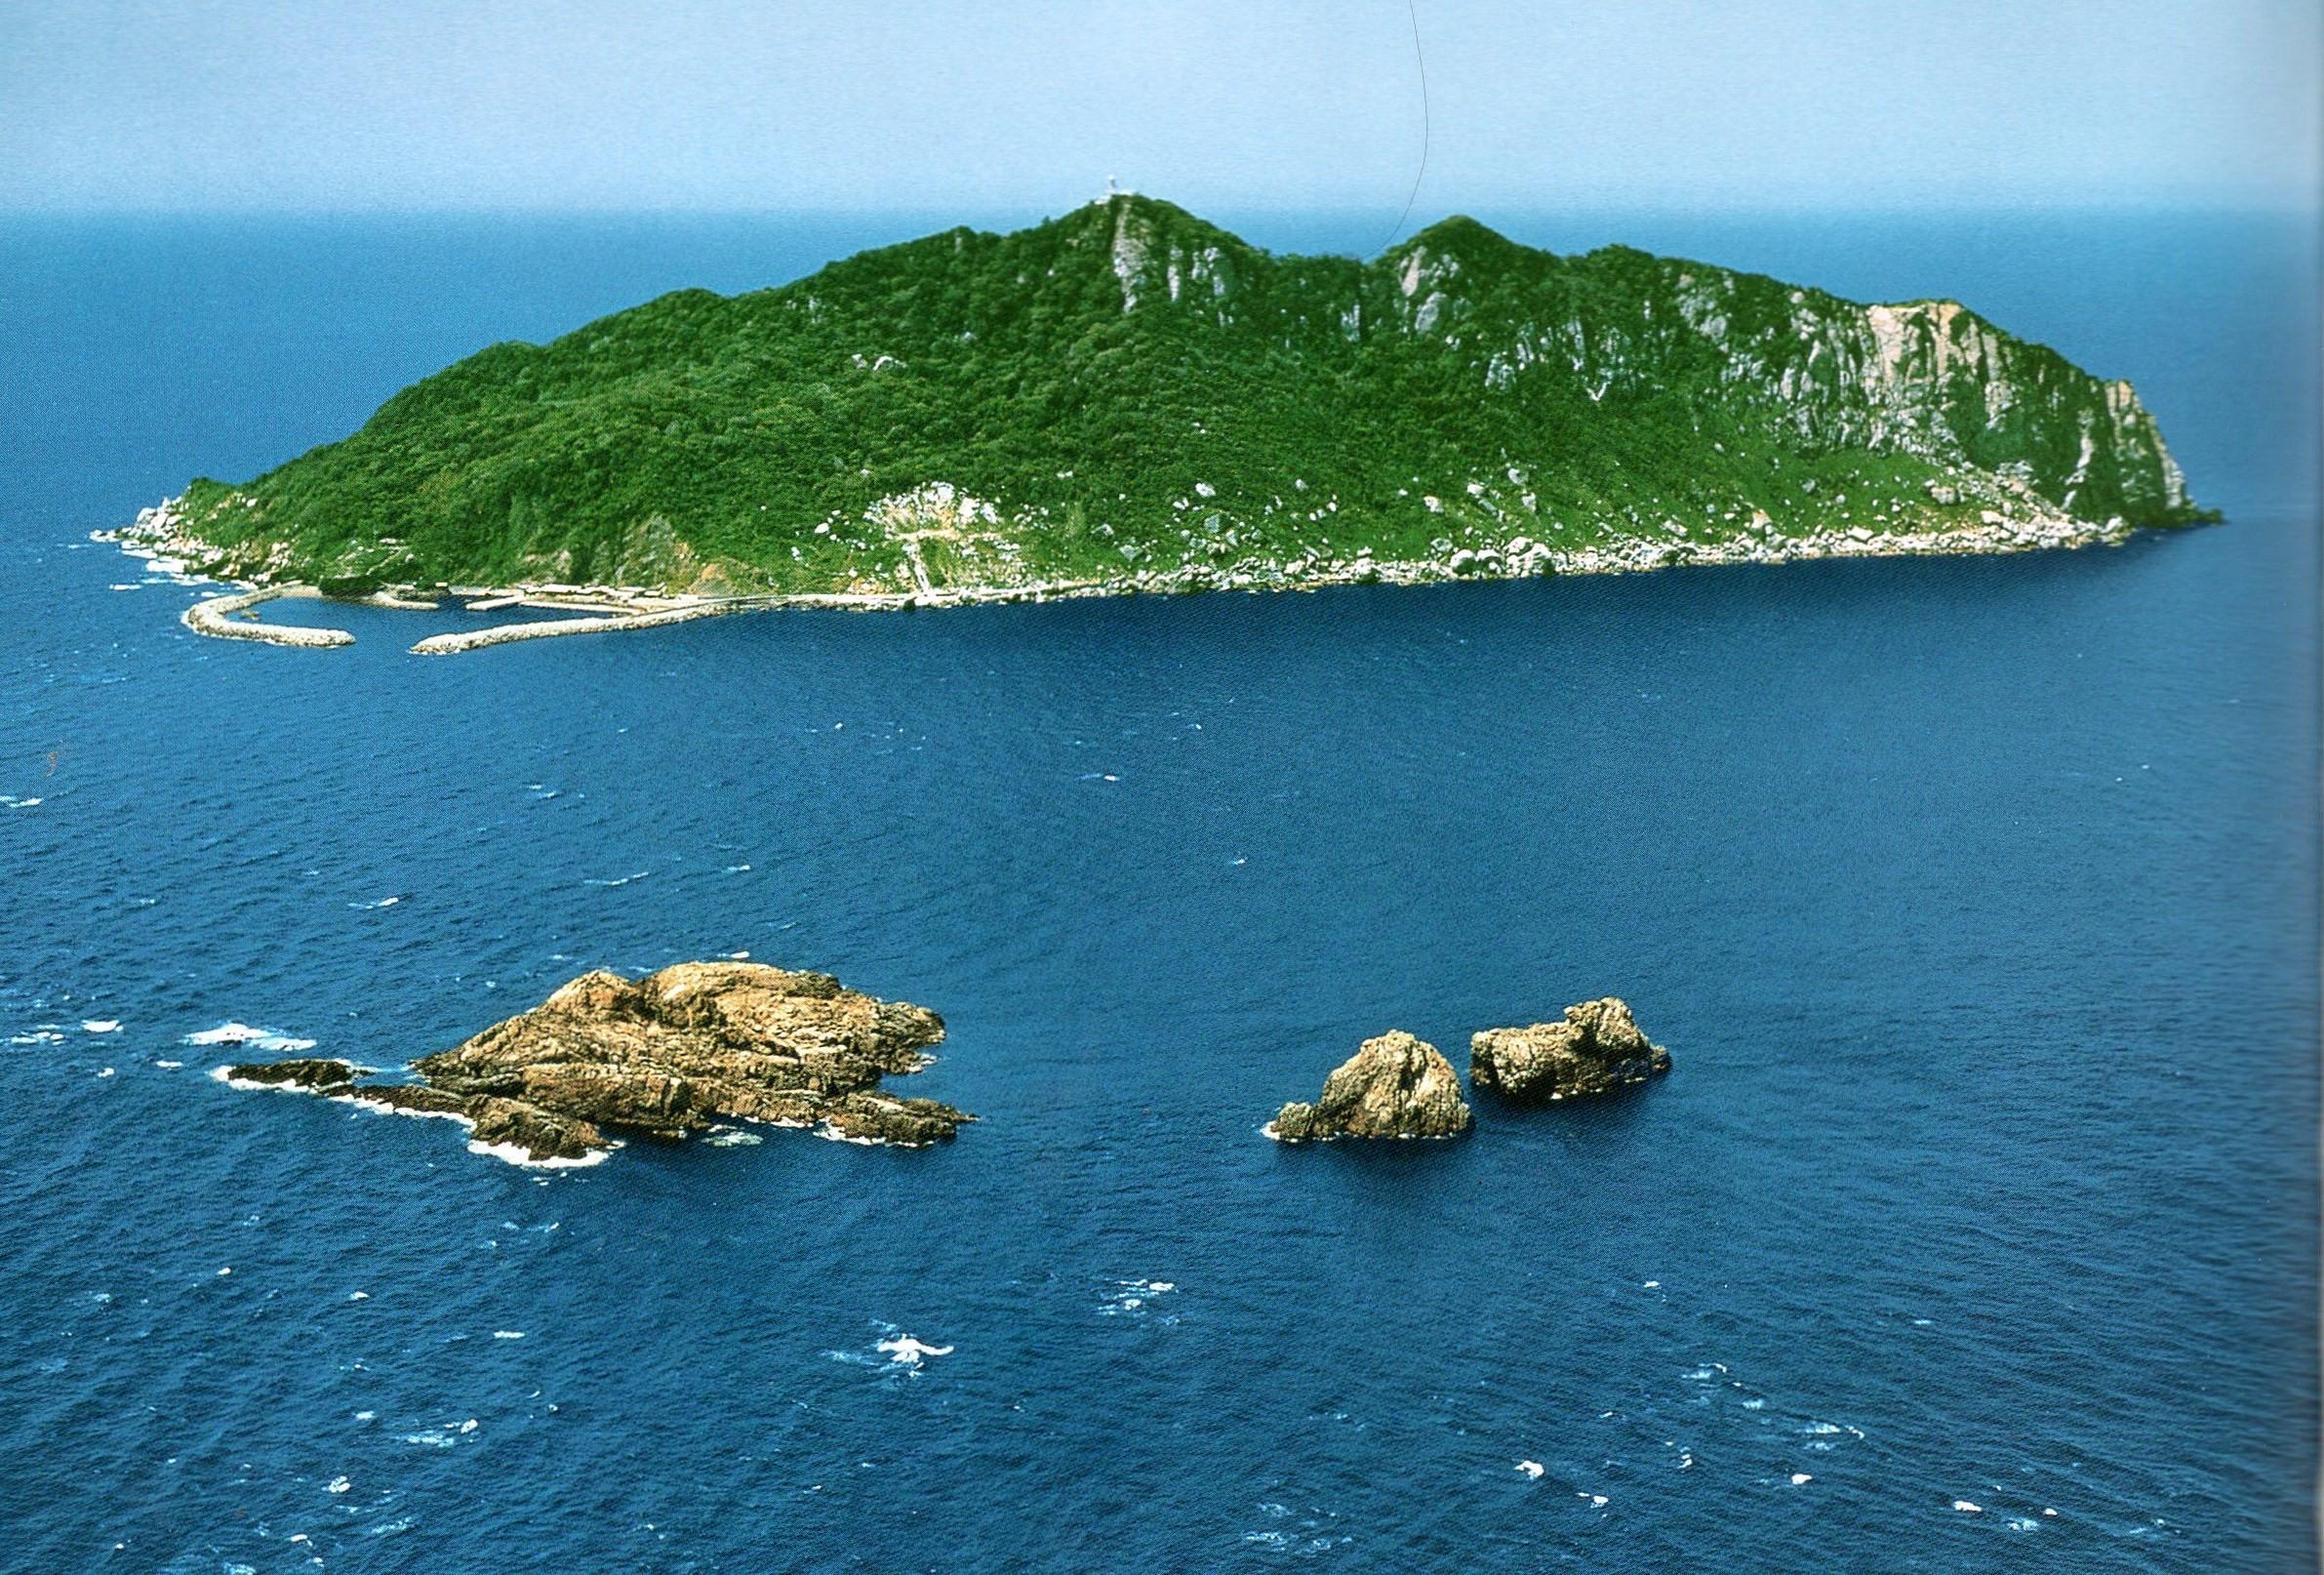 沖ノ島の画像 p1_39